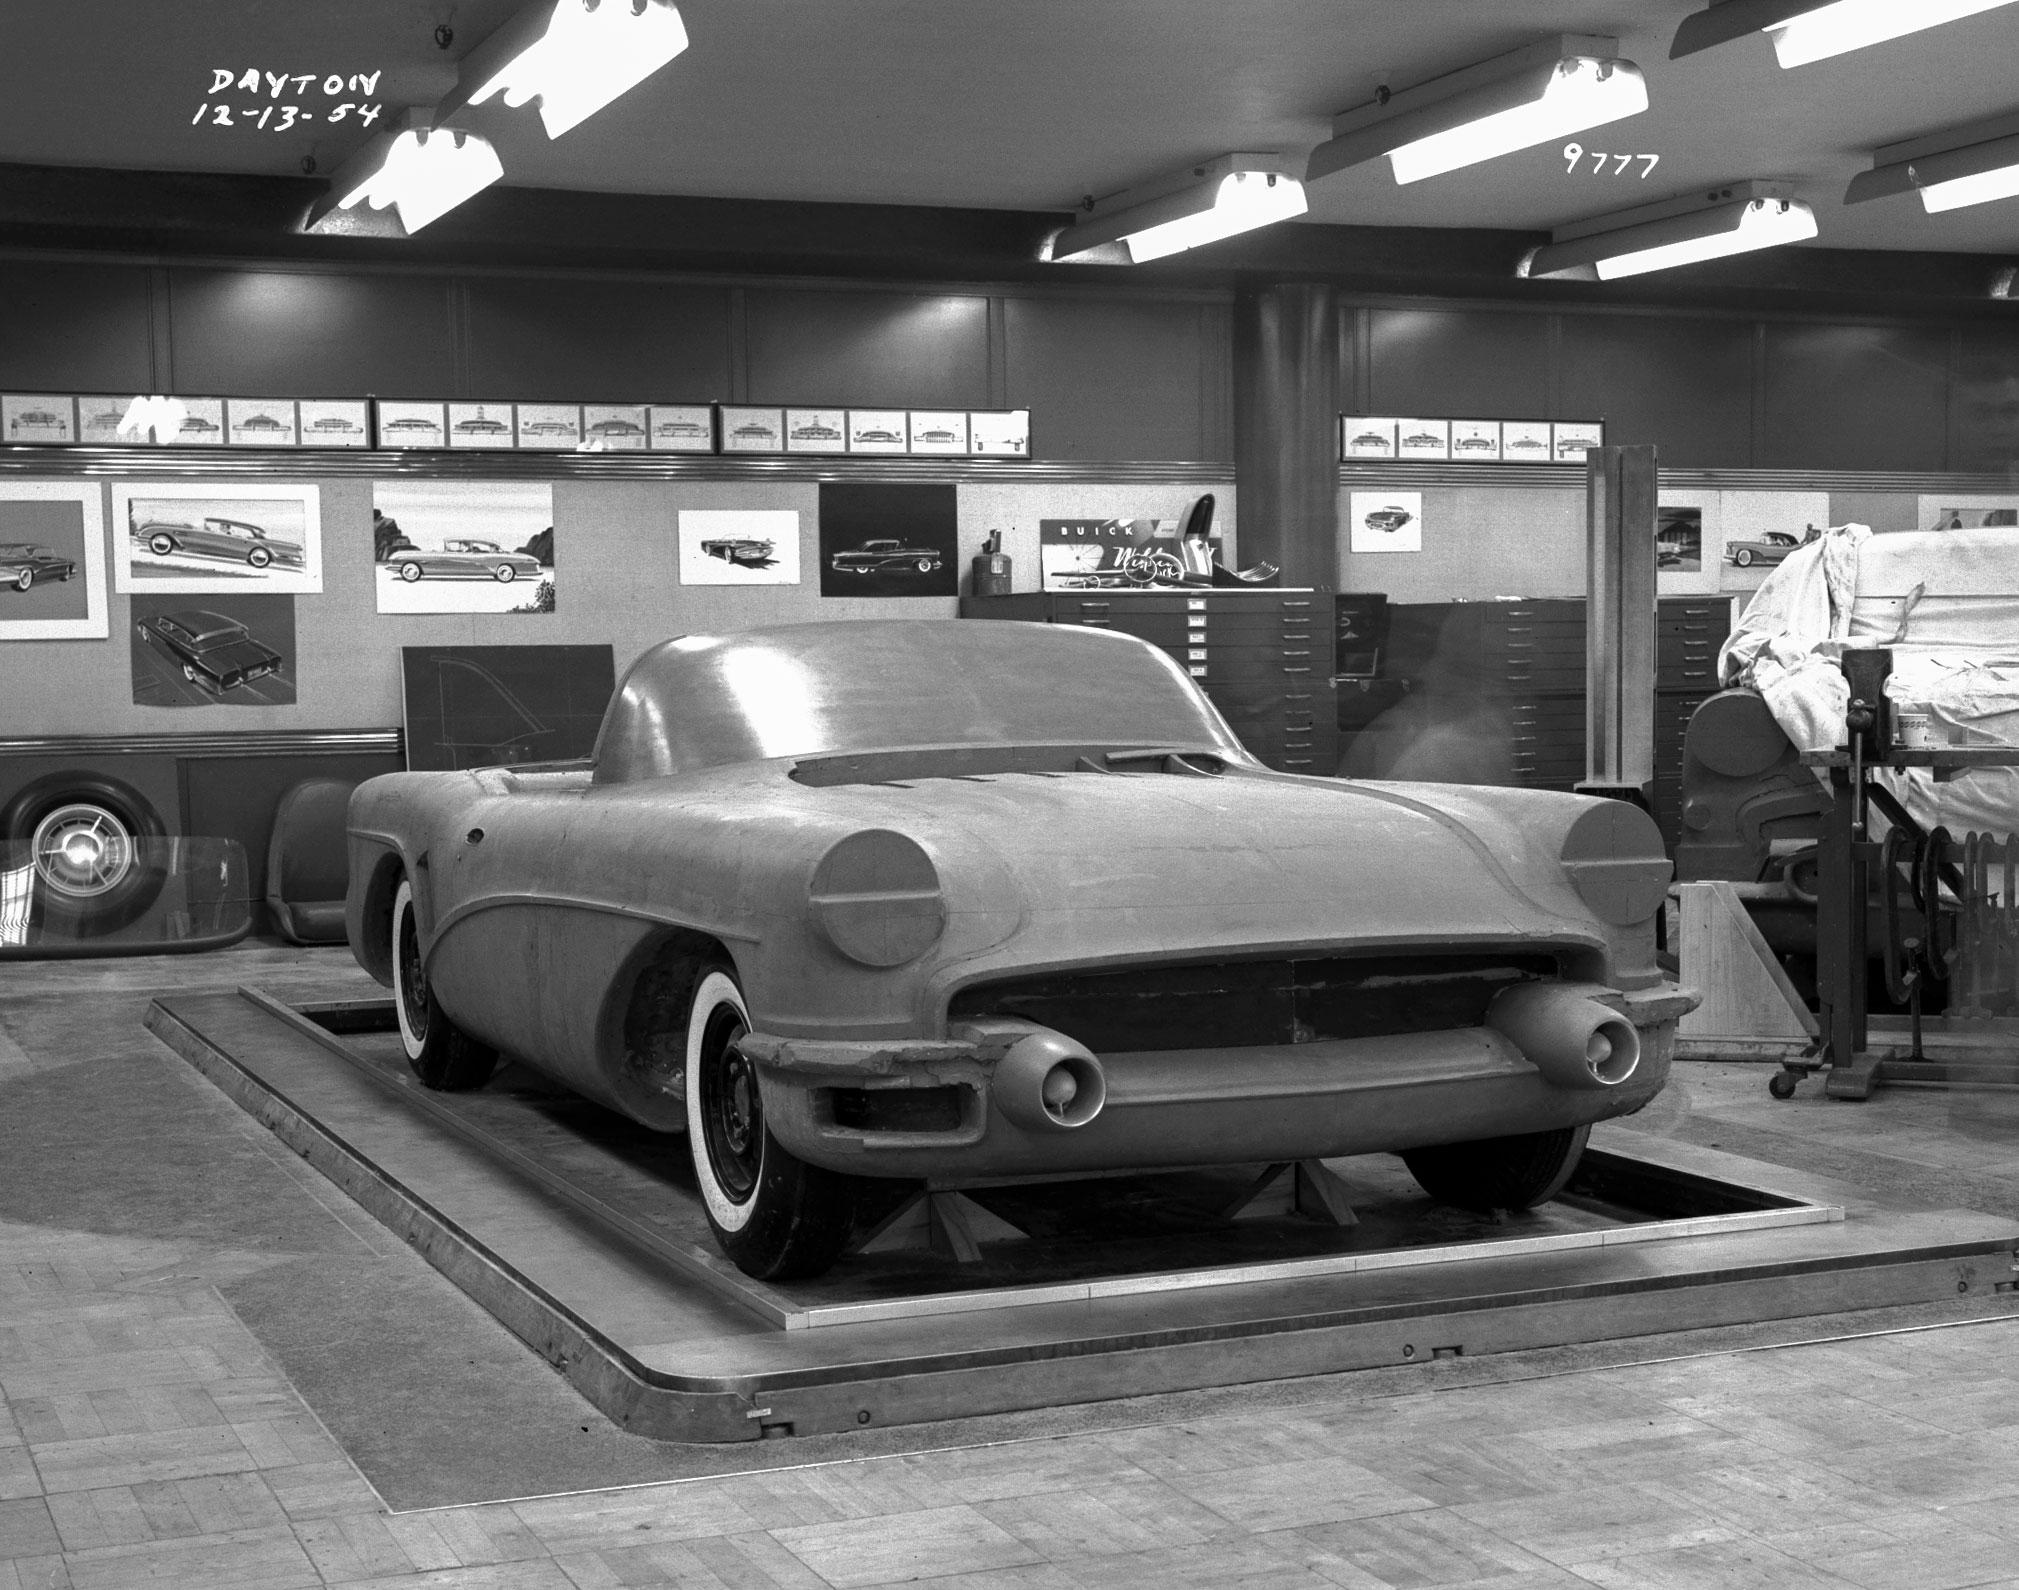 1955 Buick Wildcat III Concept Buck